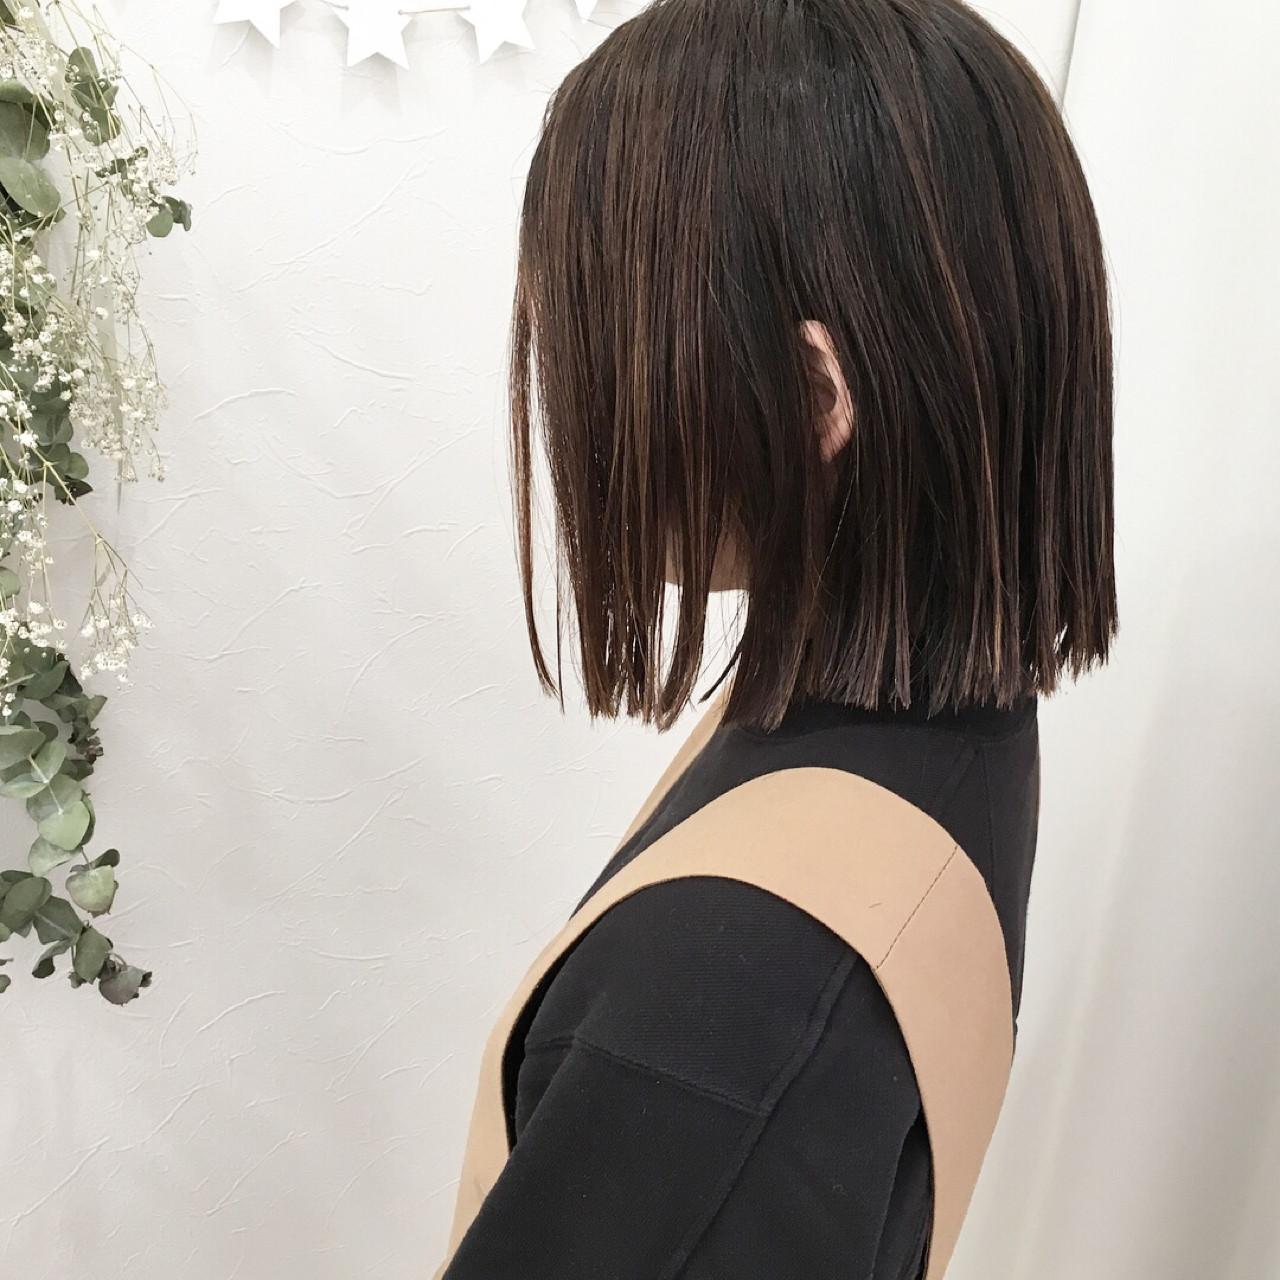 パーマ ストレート ロブ ハイライト ヘアスタイルや髪型の写真・画像 | 原田あゆみ / coquille/コキーユ